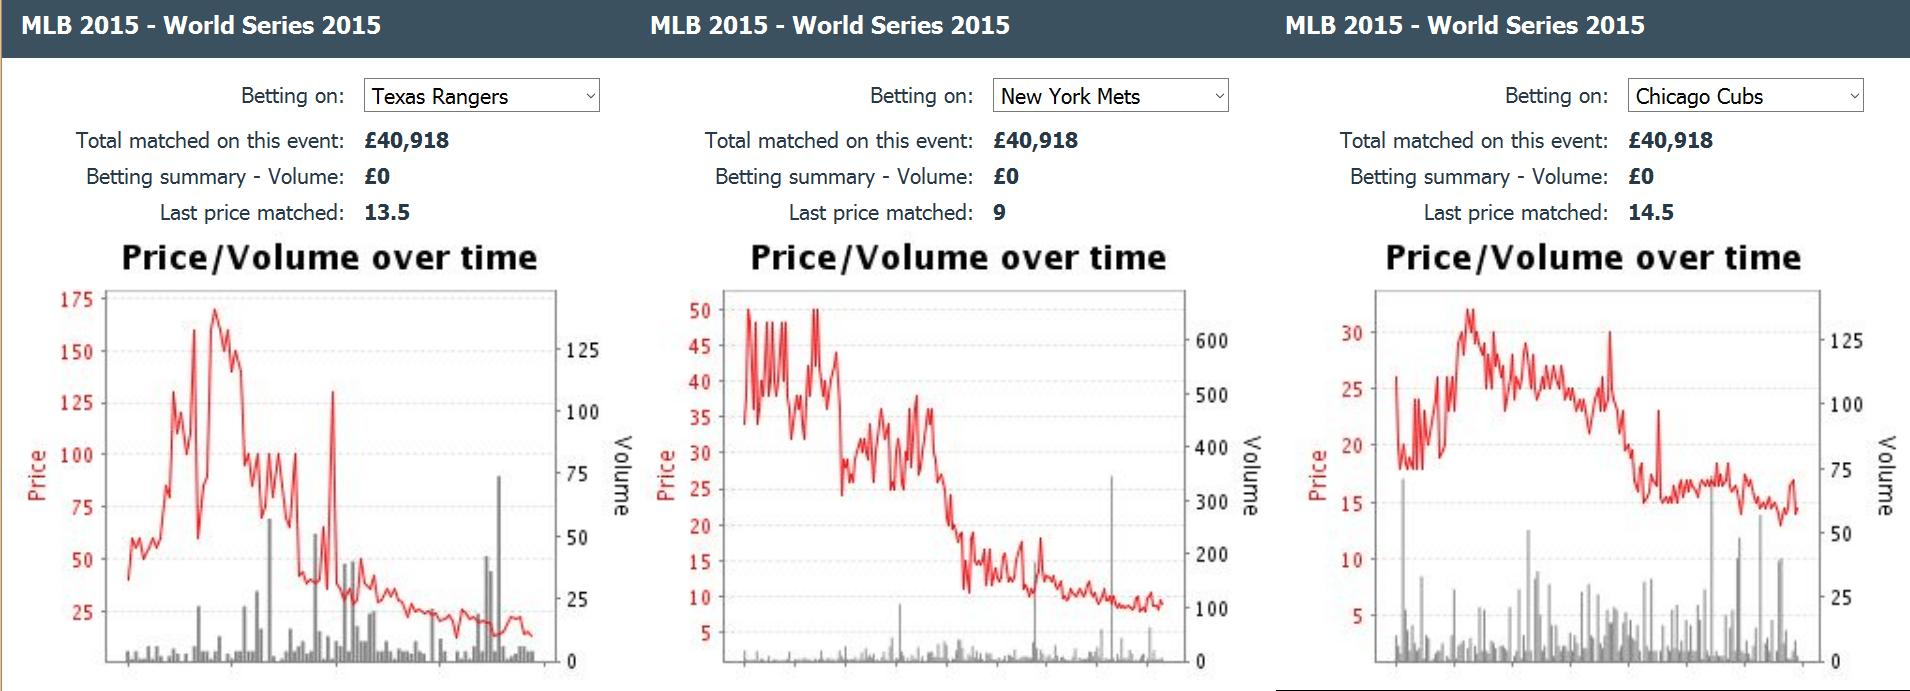 rangers-mets-cubs-baseball-world-series-betting-odds-chart